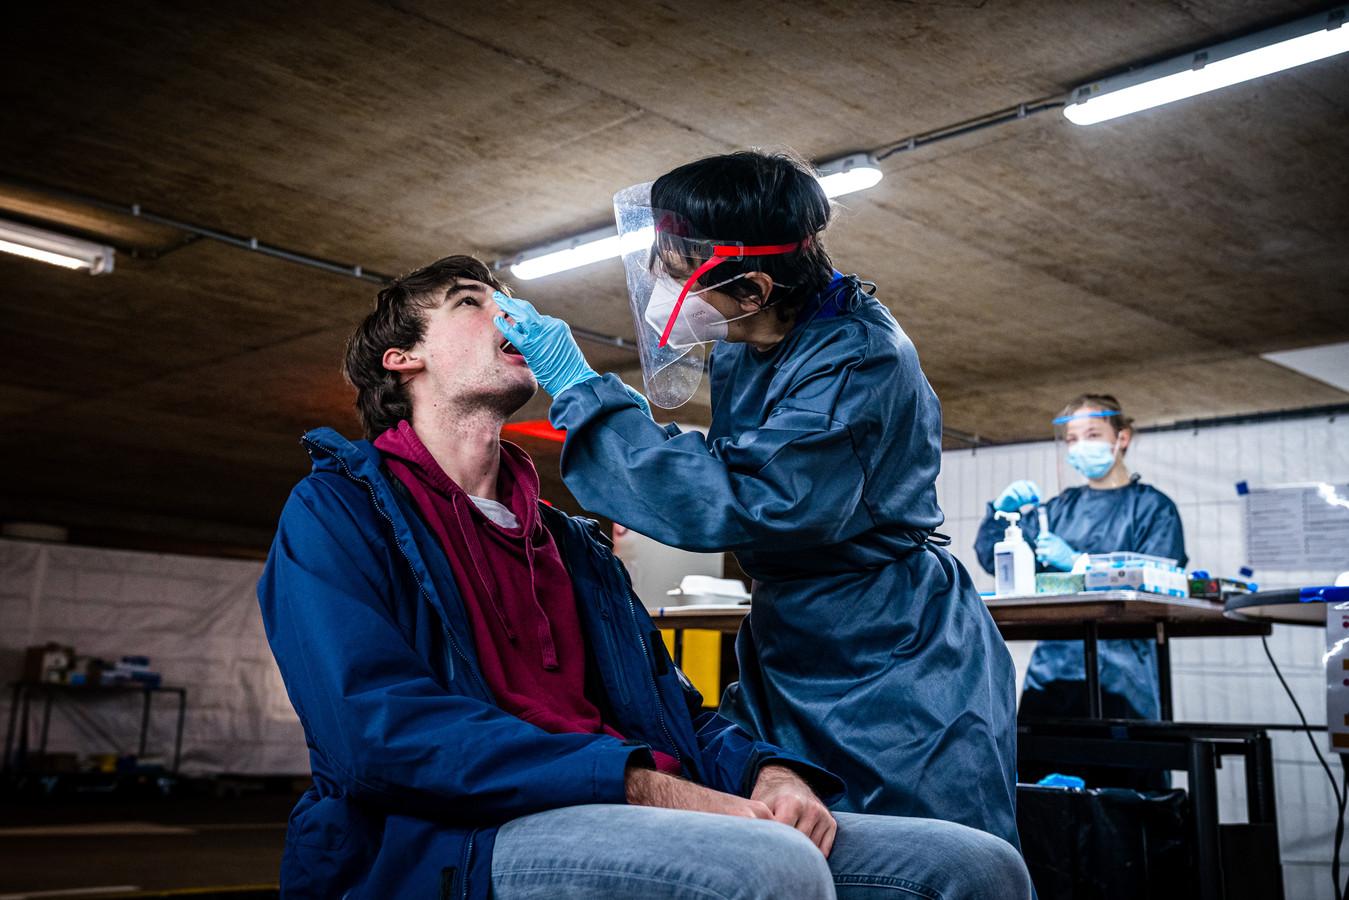 Het aantal besmettingen met het coronavirus in Rivierenland neemt nog elke dag toe. Foto ter illustratie.